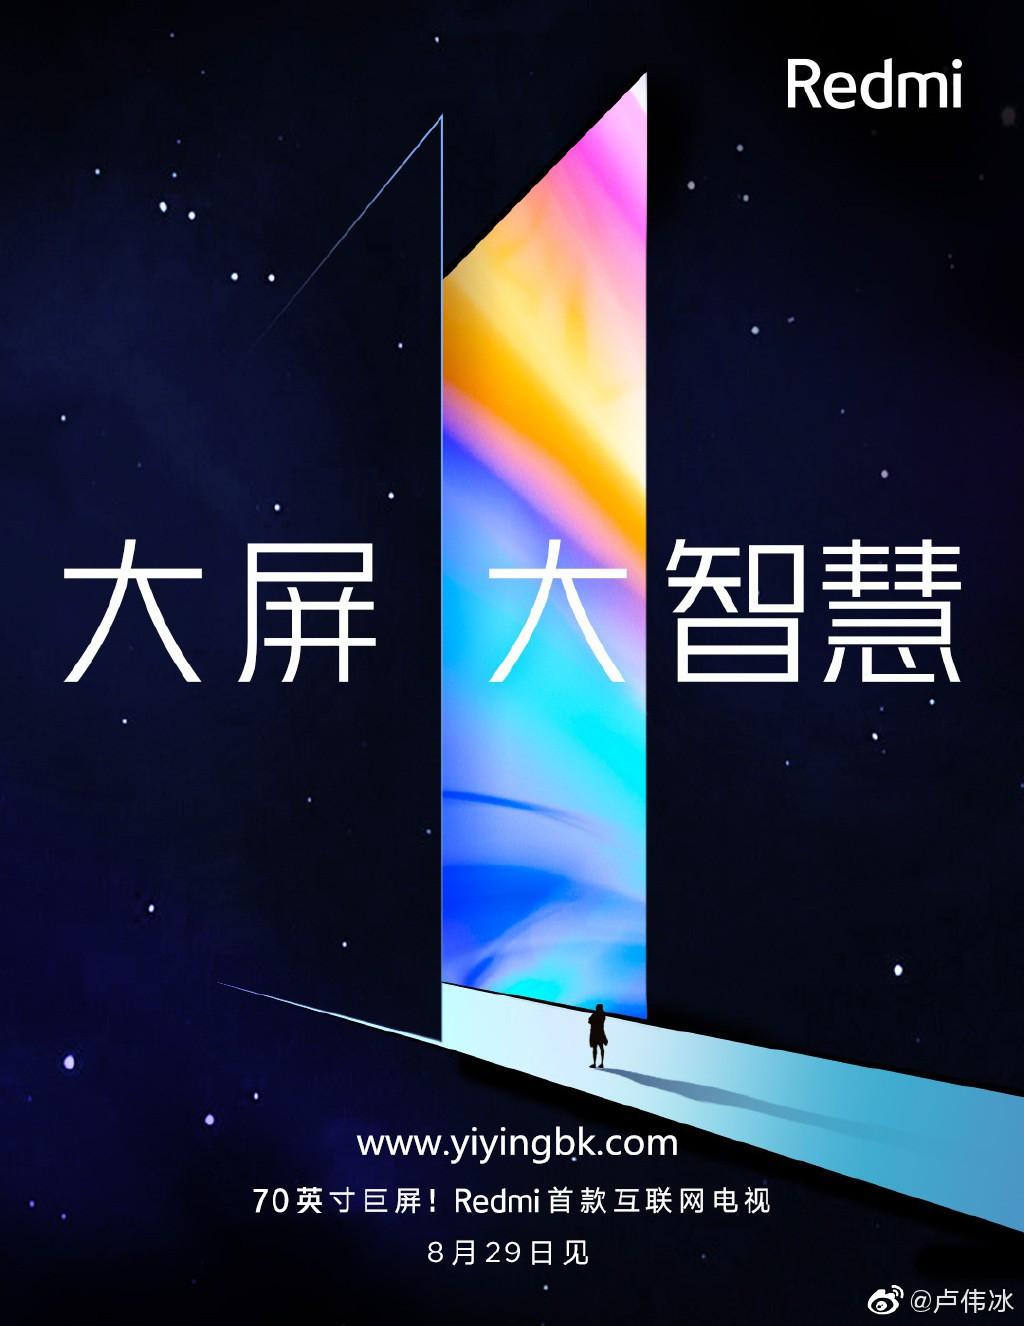 Redmi红米电视曝真机照:极窄边框 超高屏占比 极清画质